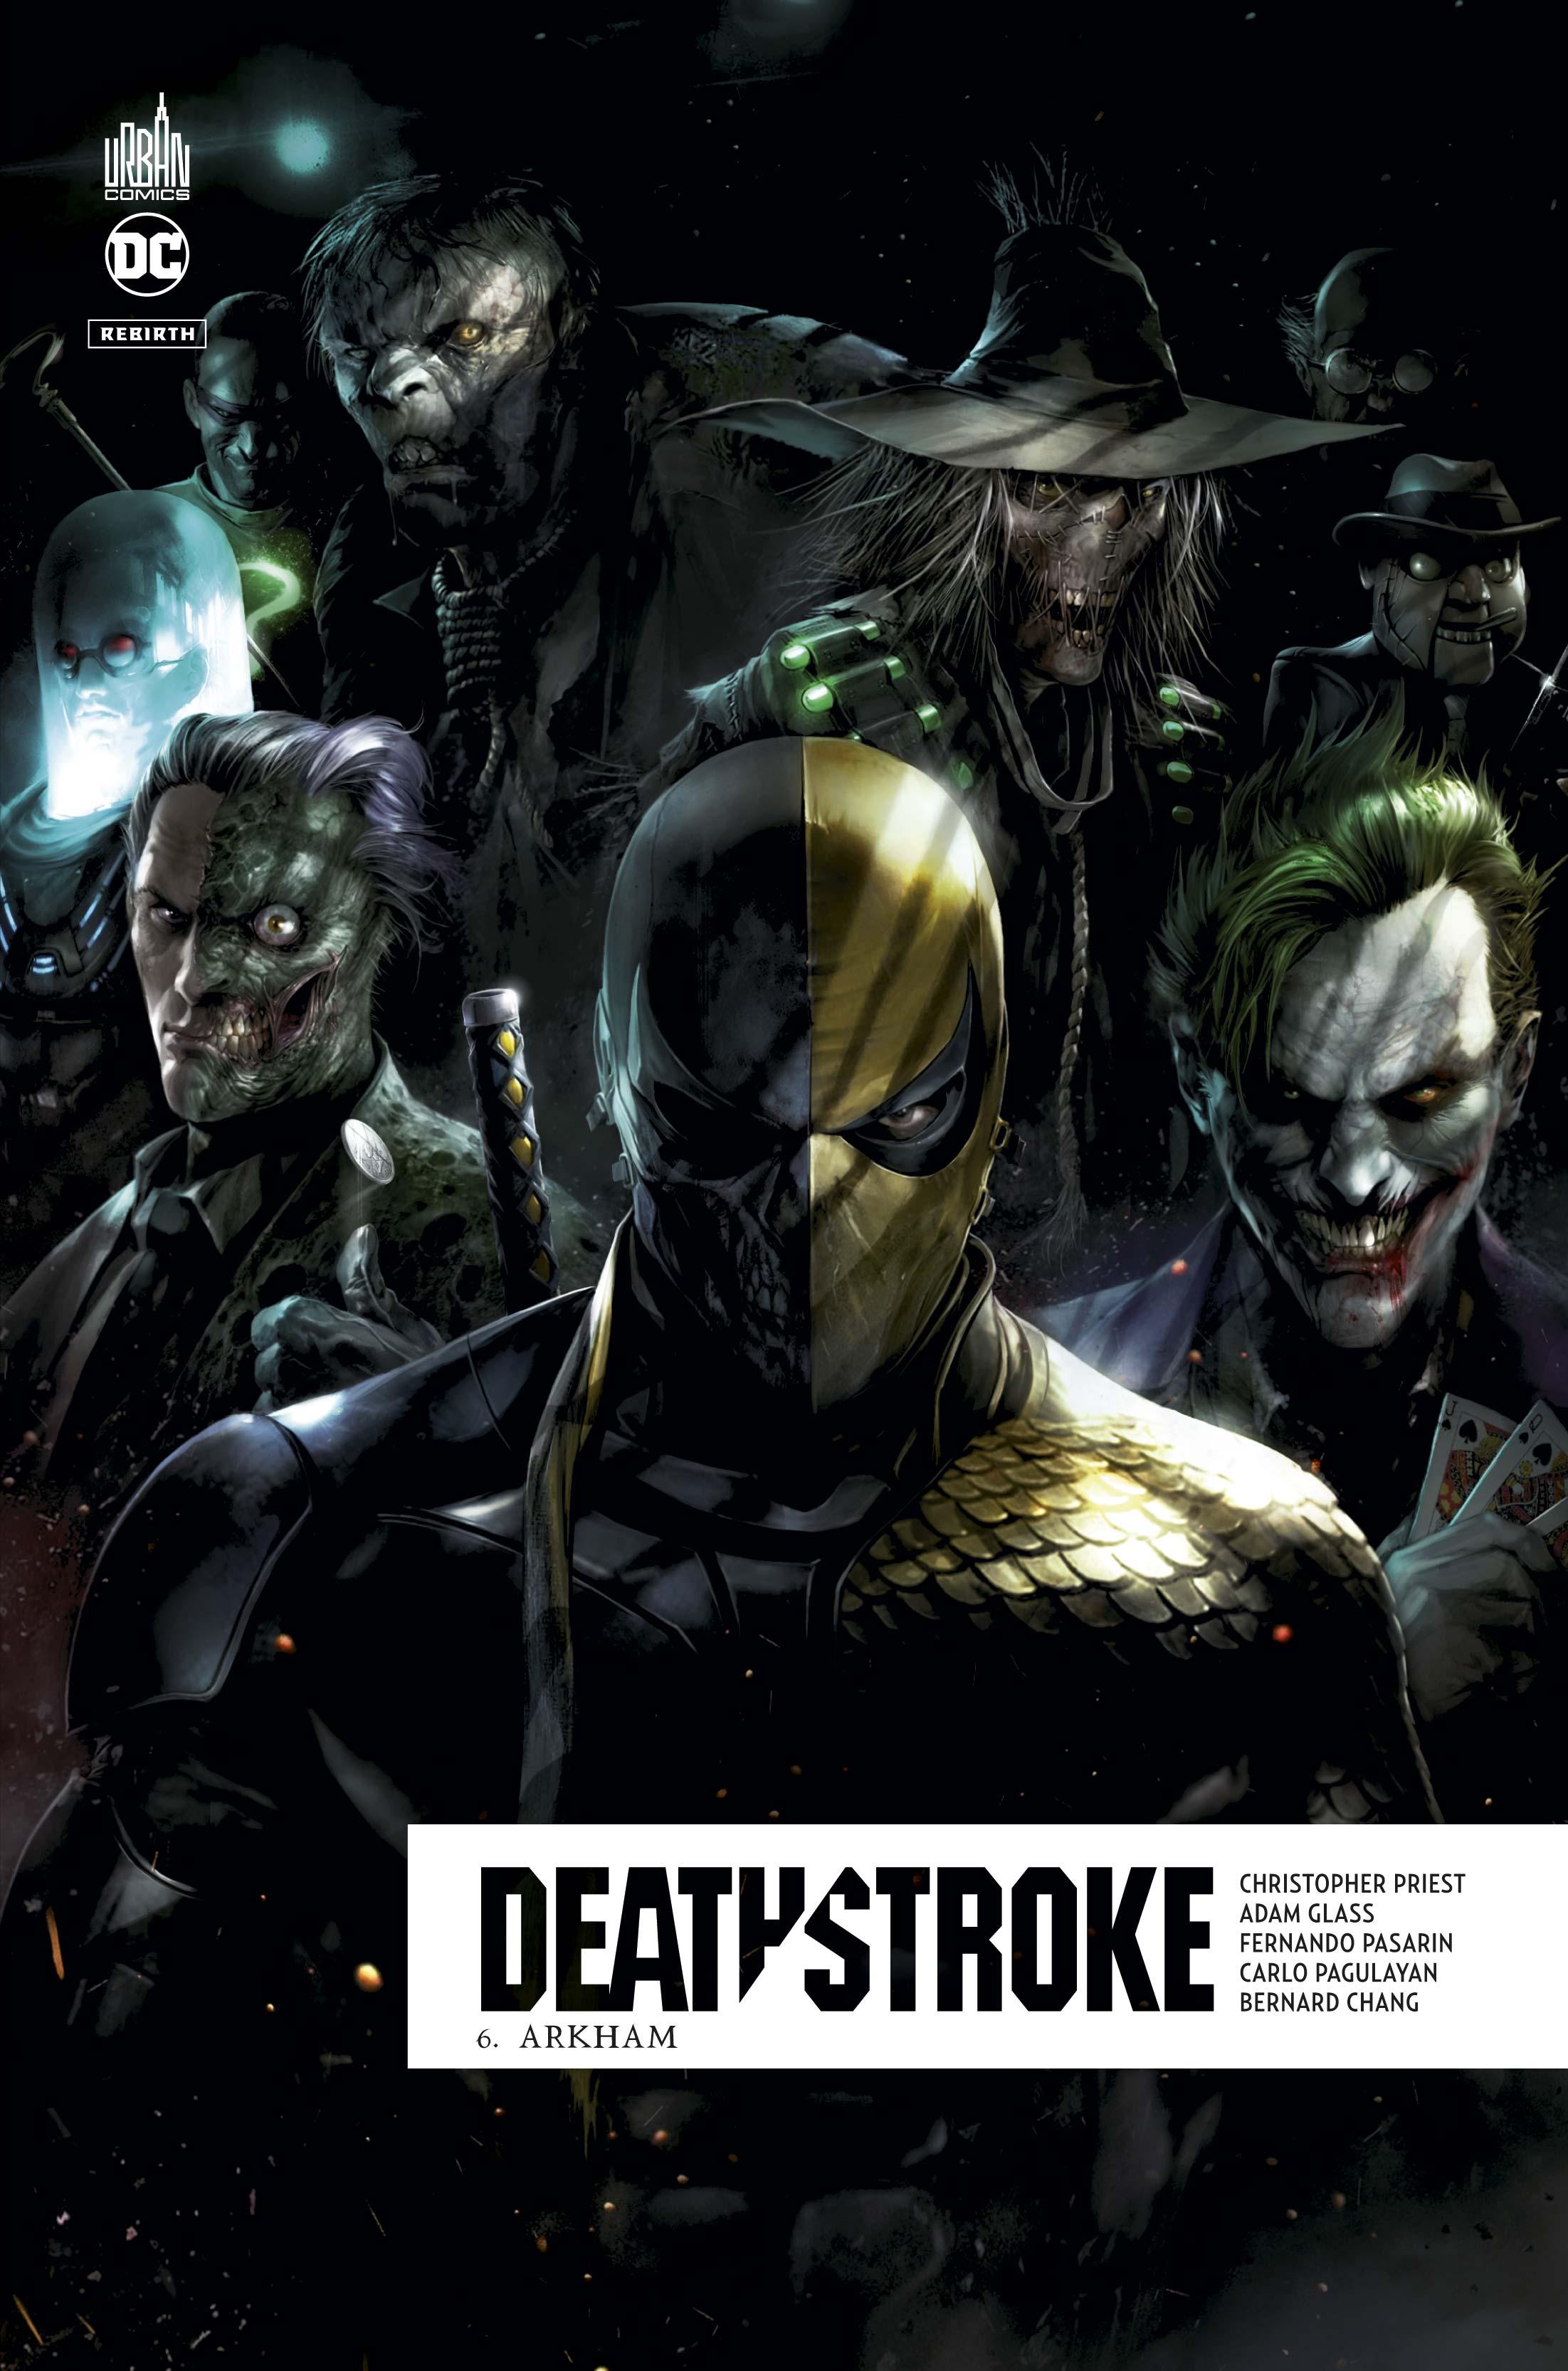 Deathstroke Rebirth 6 - Arkham